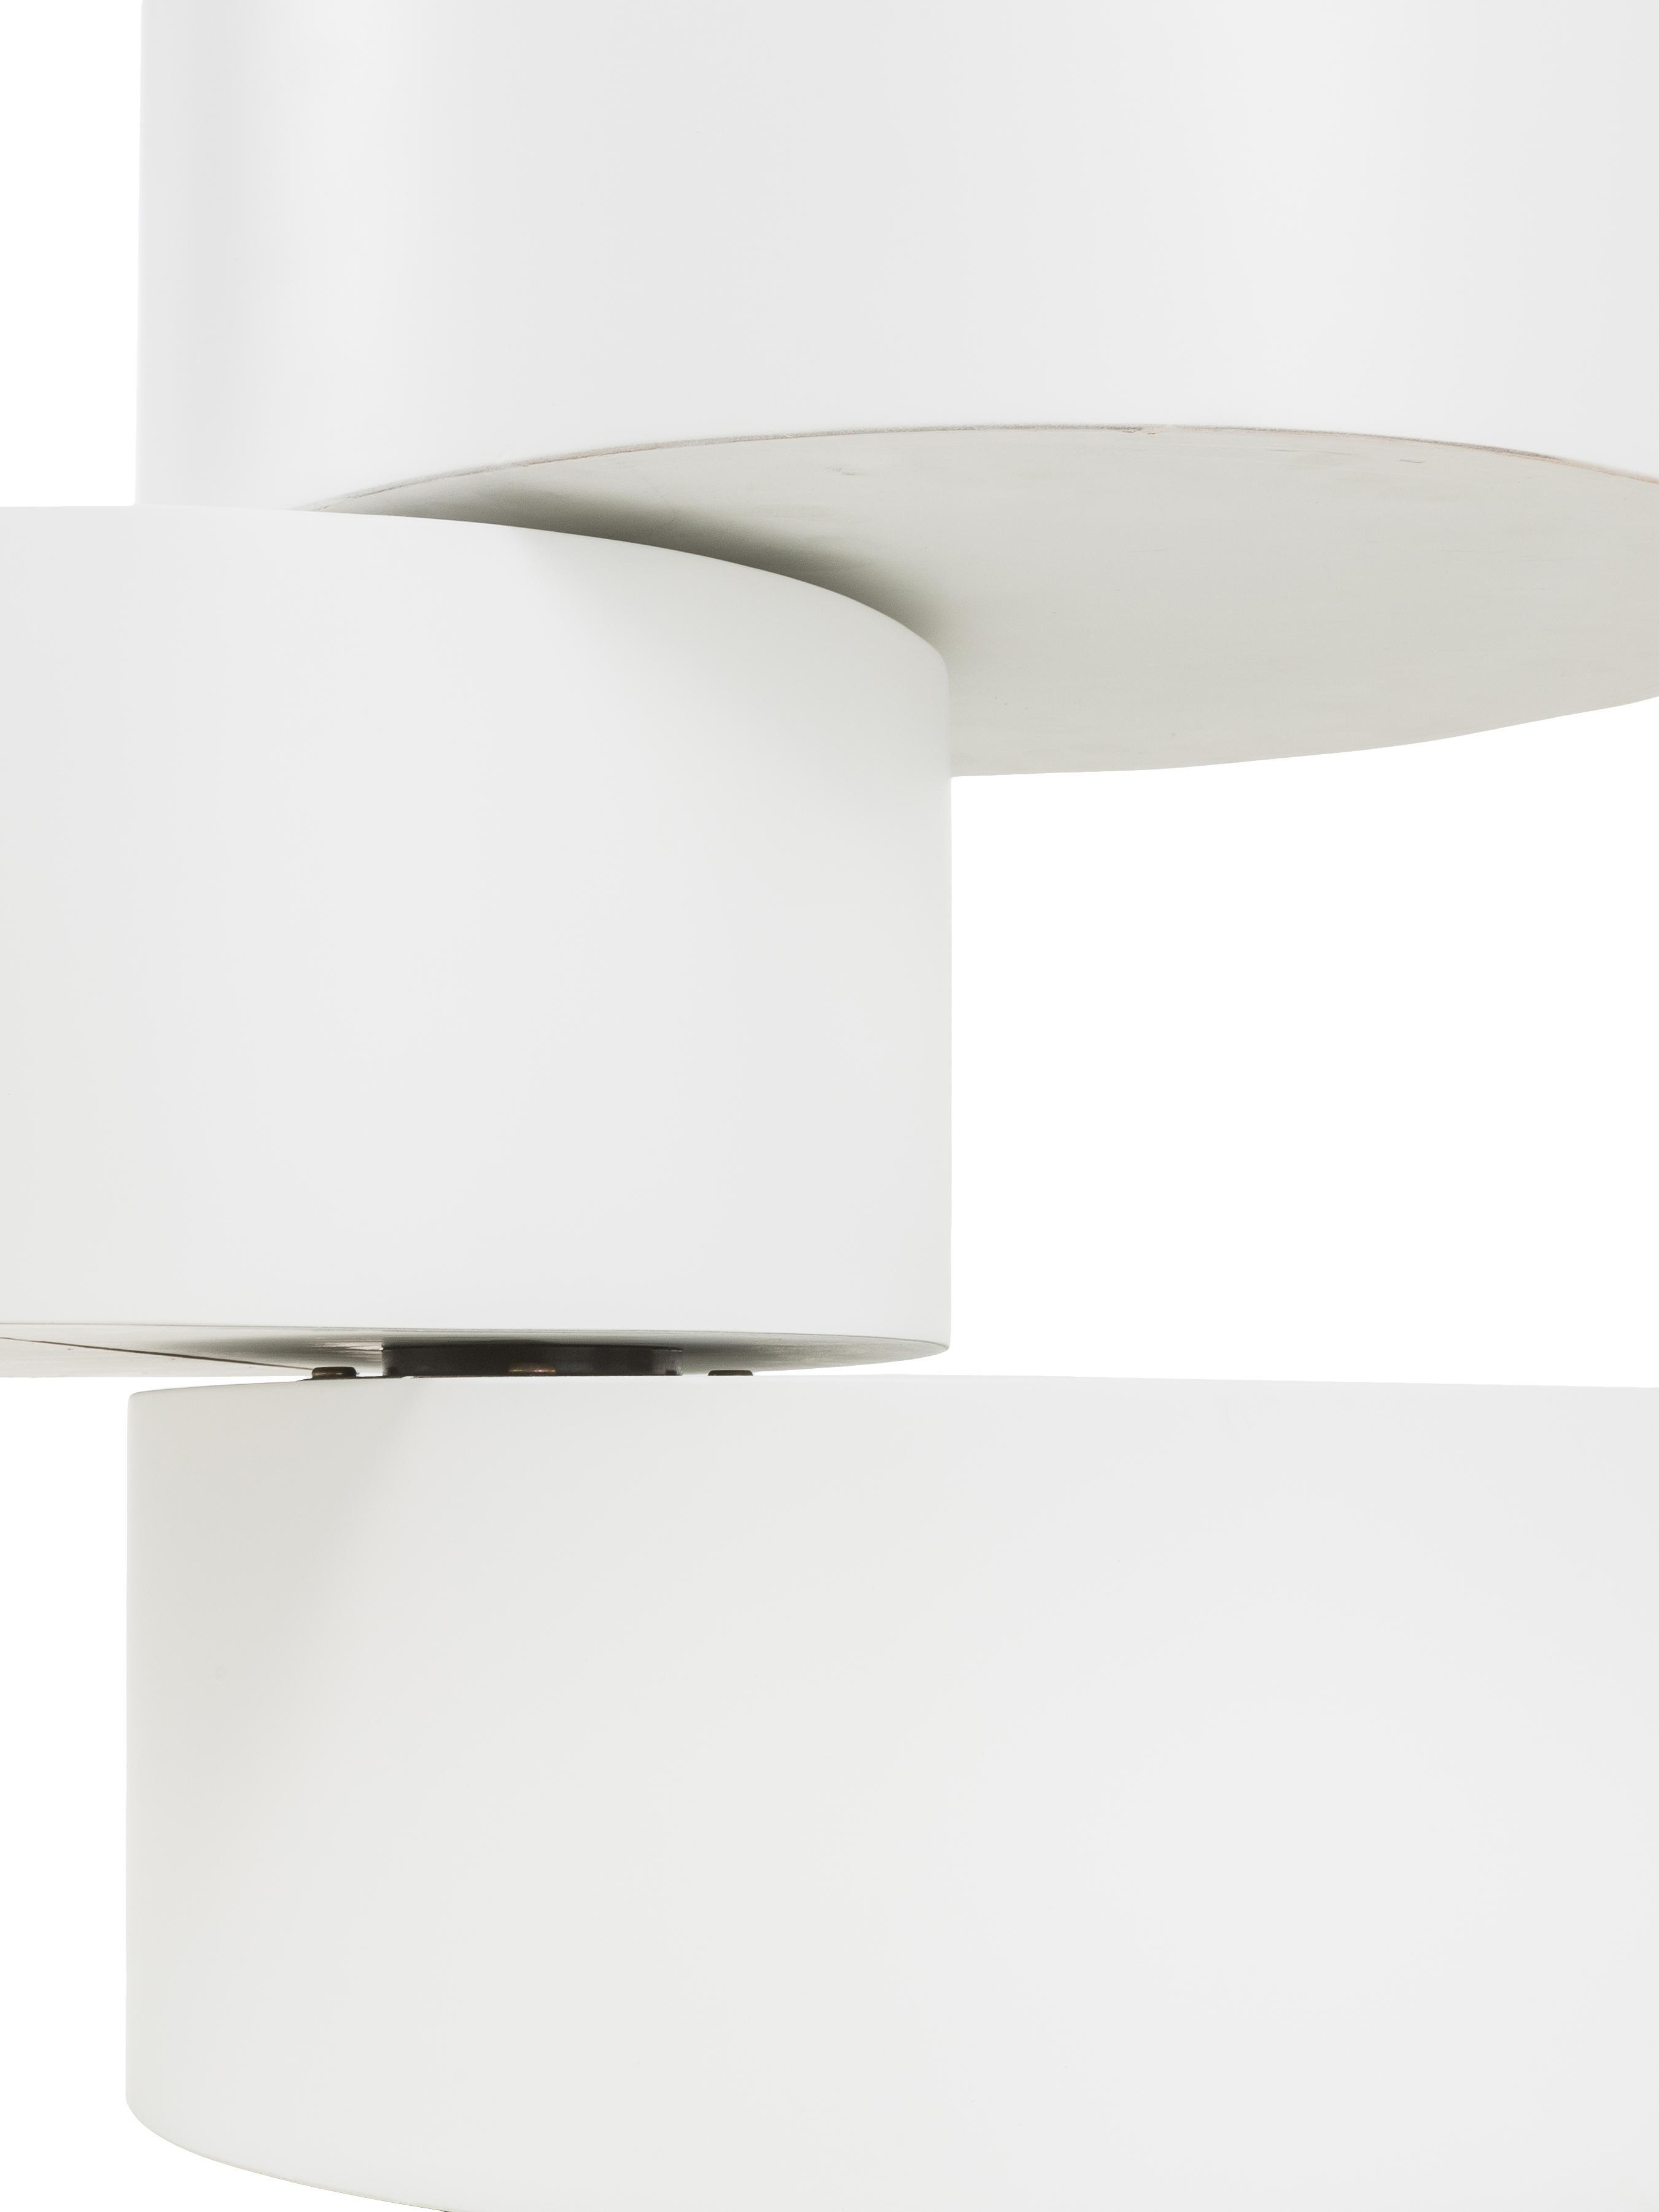 Bijzettafel Loka, Gelakt MDF, Wit, Ø 40 x H 51 cm